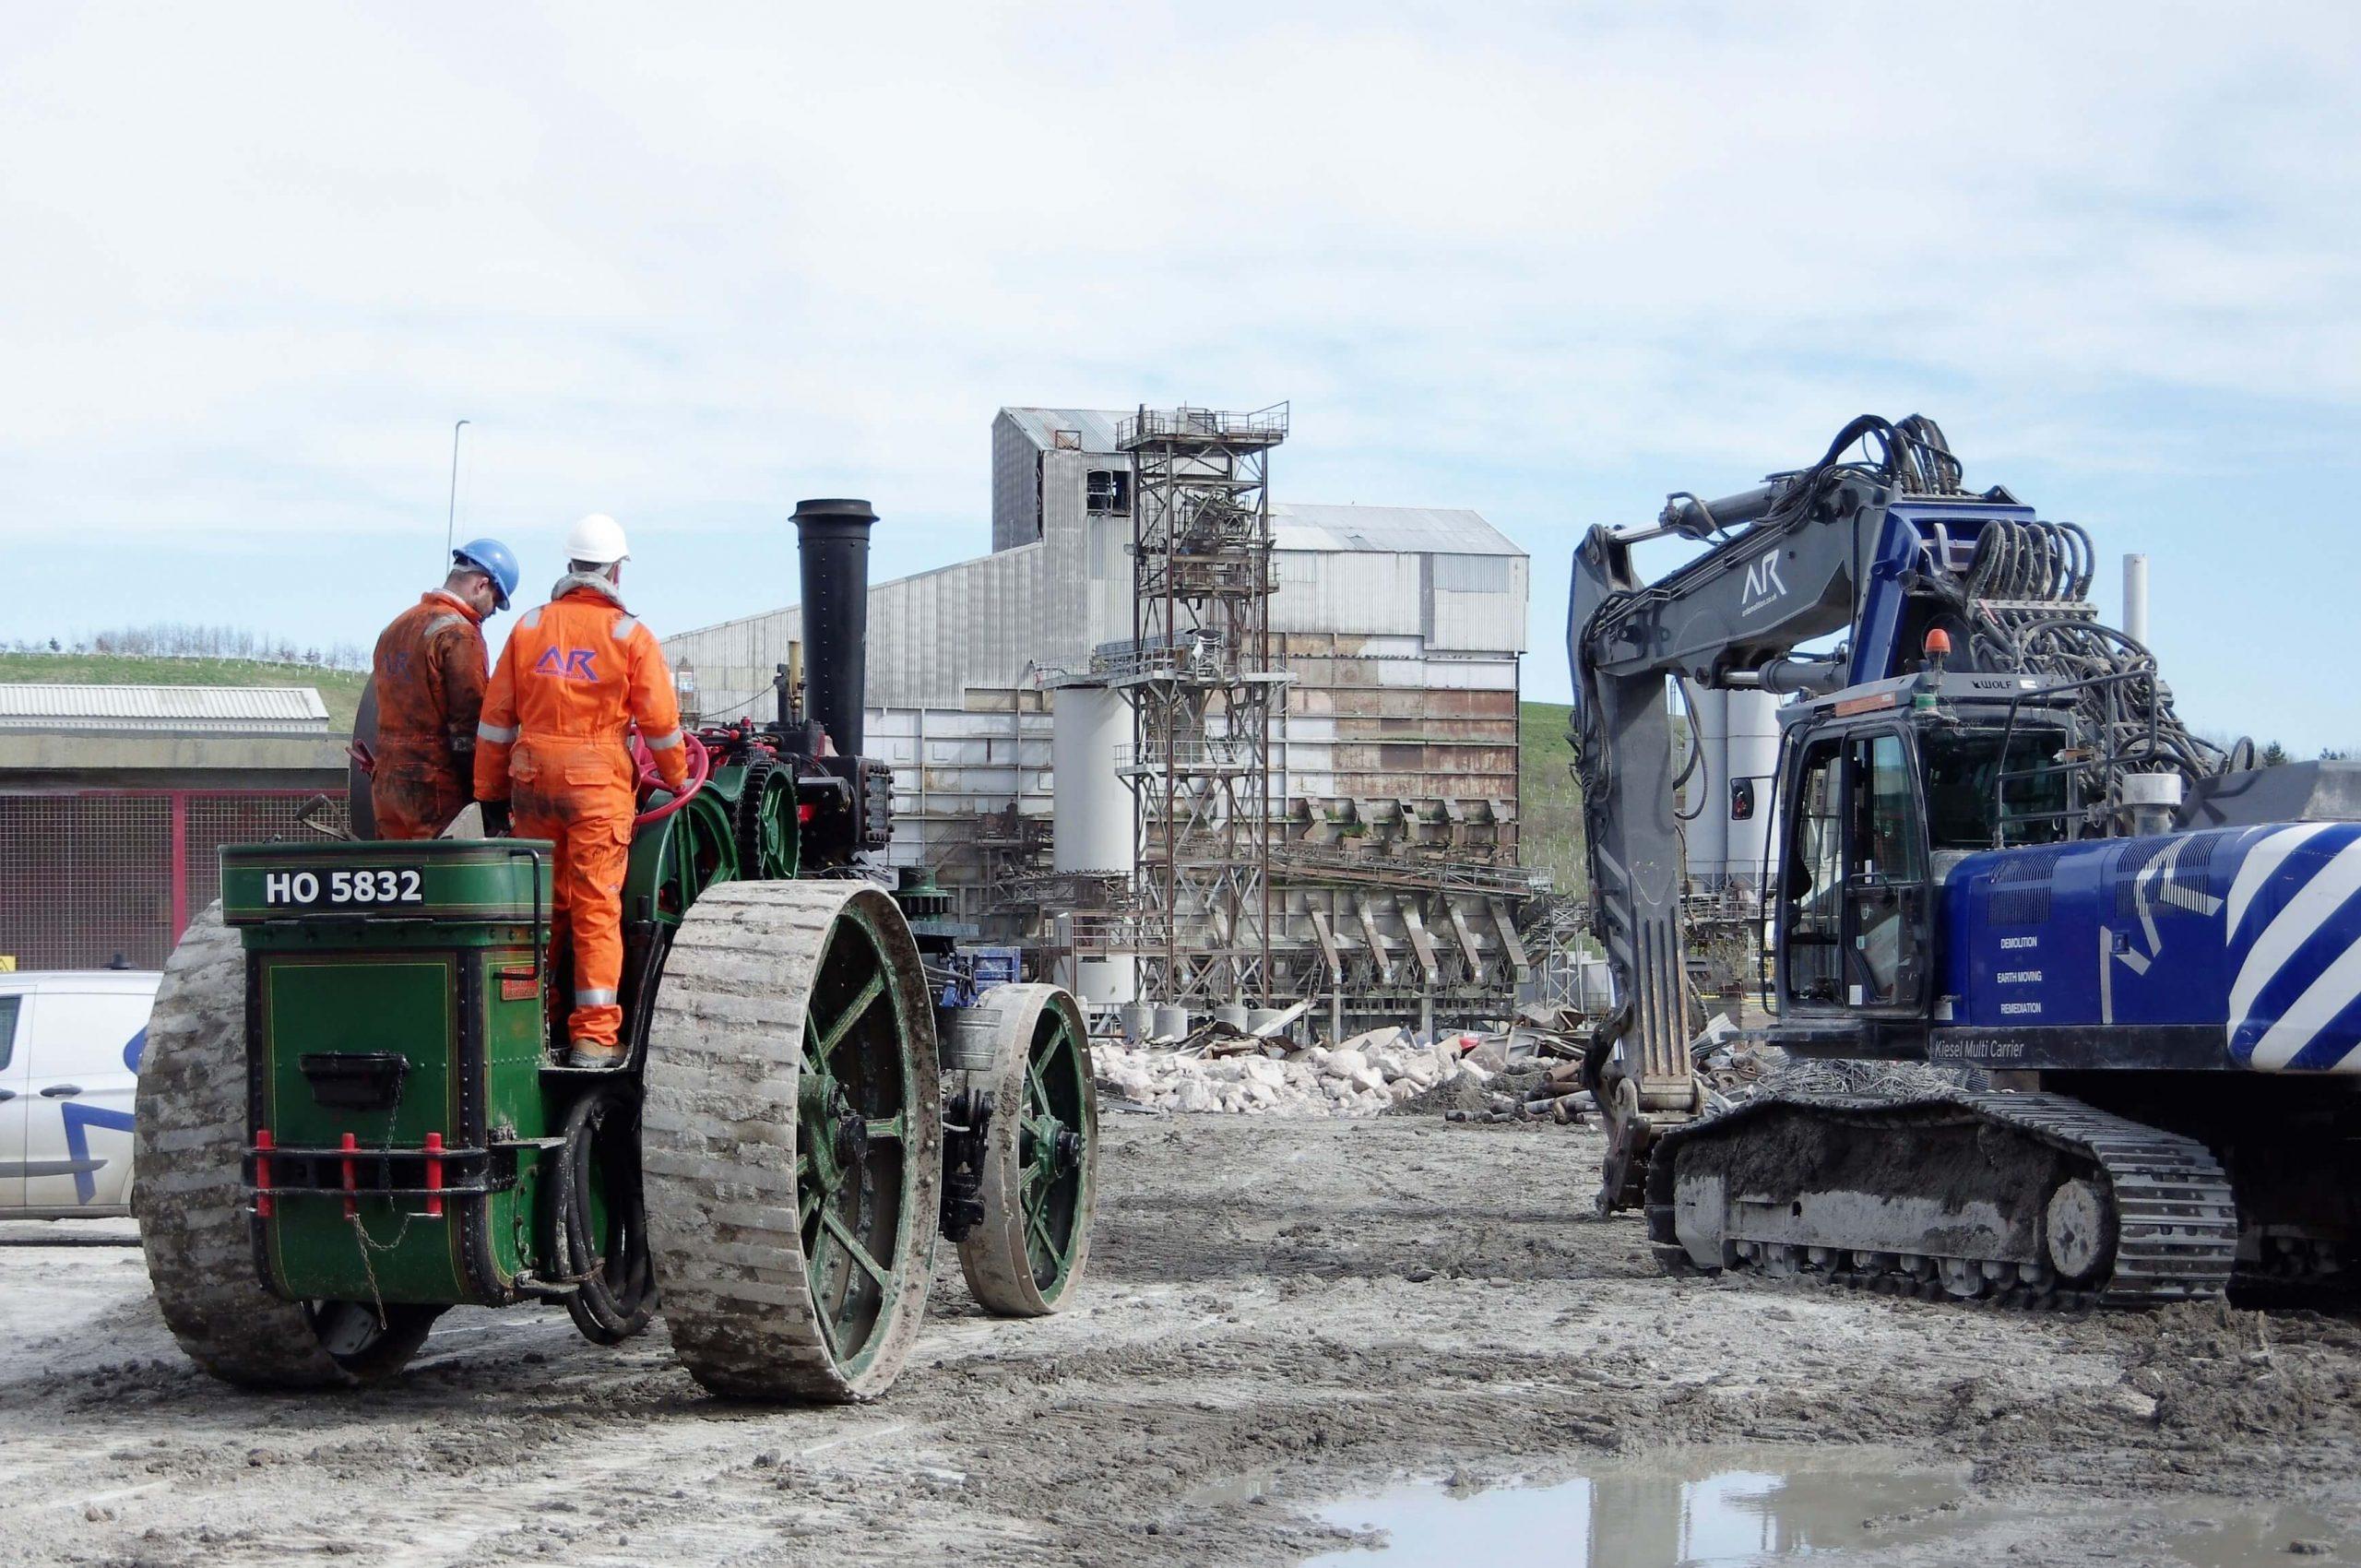 industry revolution alongside AR Demolition